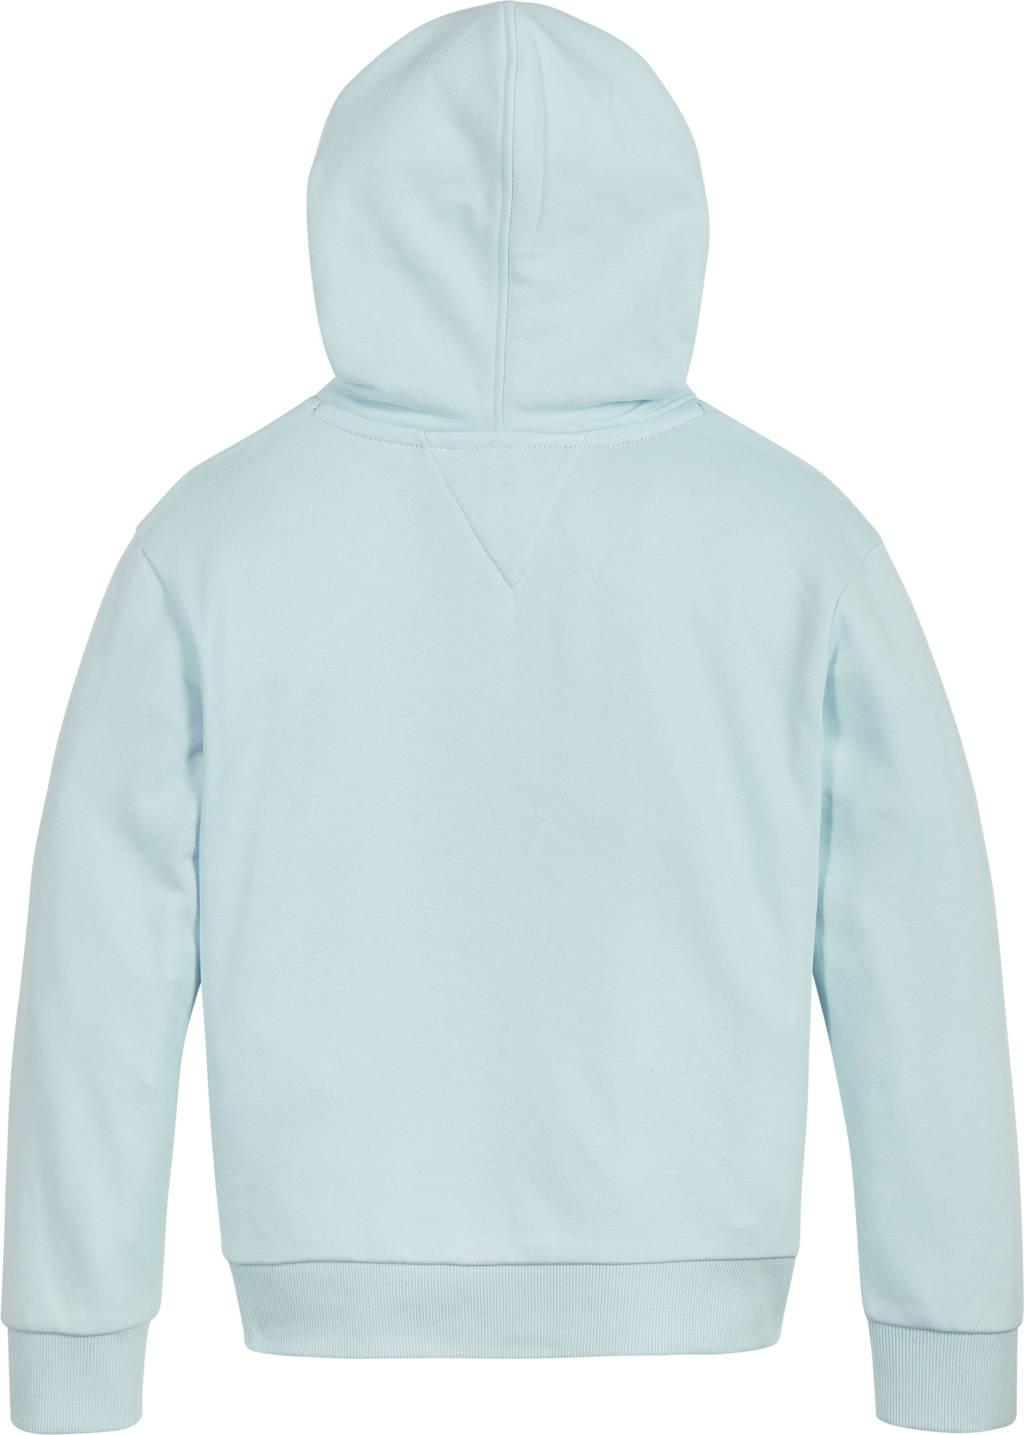 Tommy Hilfiger hoodie met tekst lichtblauw, Lichtblauw